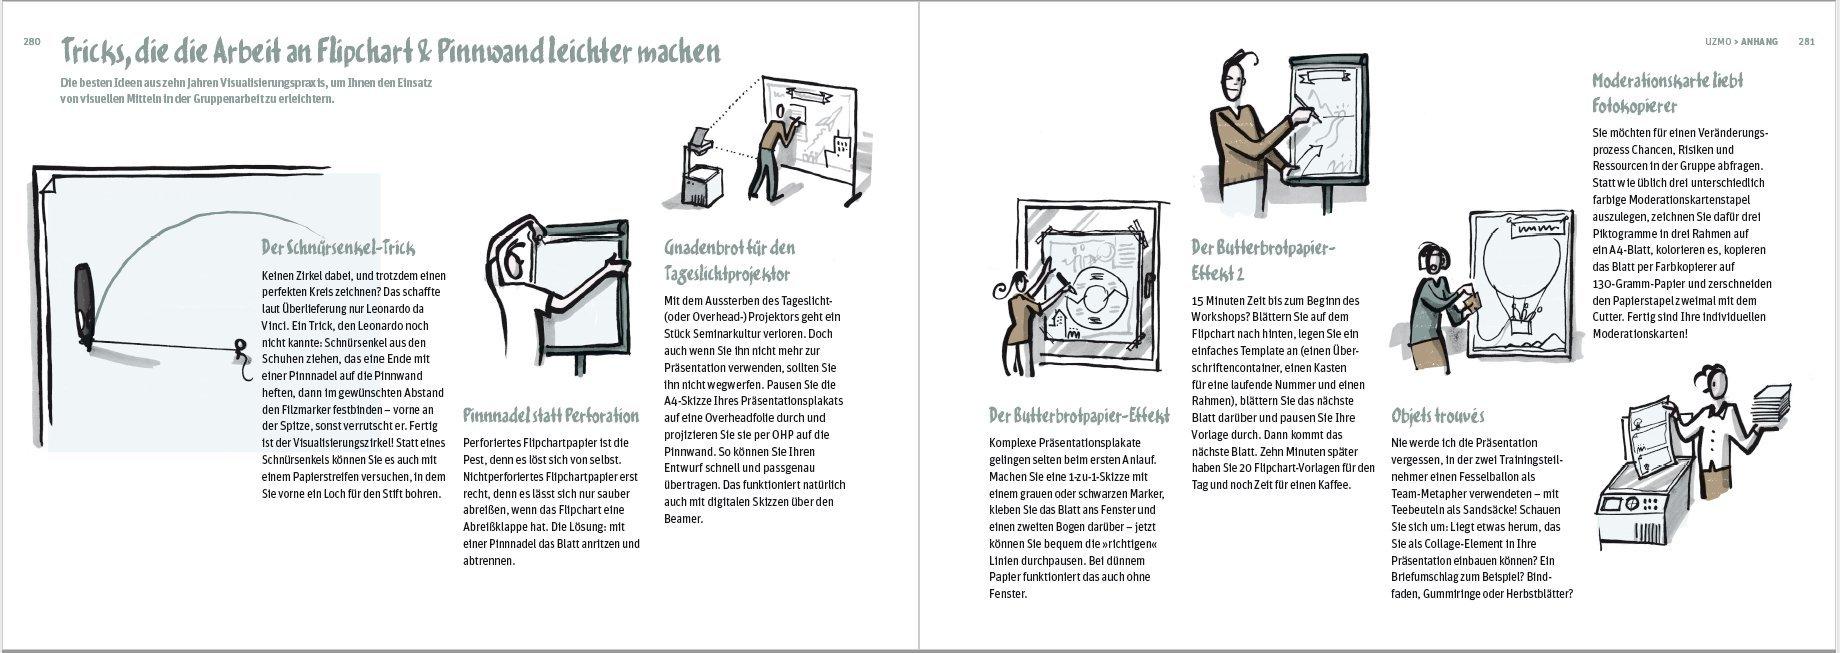 Groß Machen Sie Ihren Rahmen Galerie - Rahmen Ideen ...